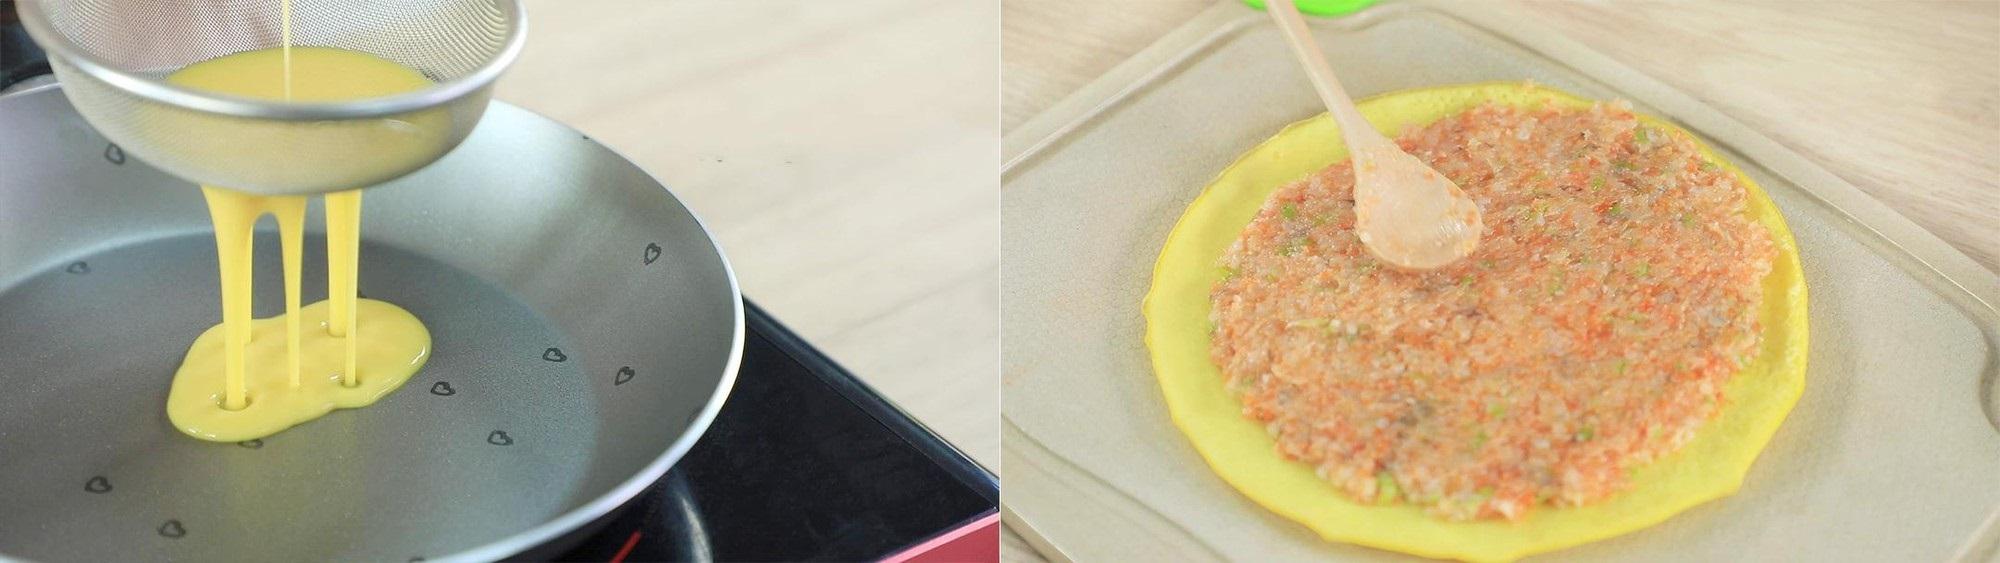 Món cơm cuộn màu hồng này nhìn đã yêu, ăn thử còn yêu hơn nữa! - Ảnh 4